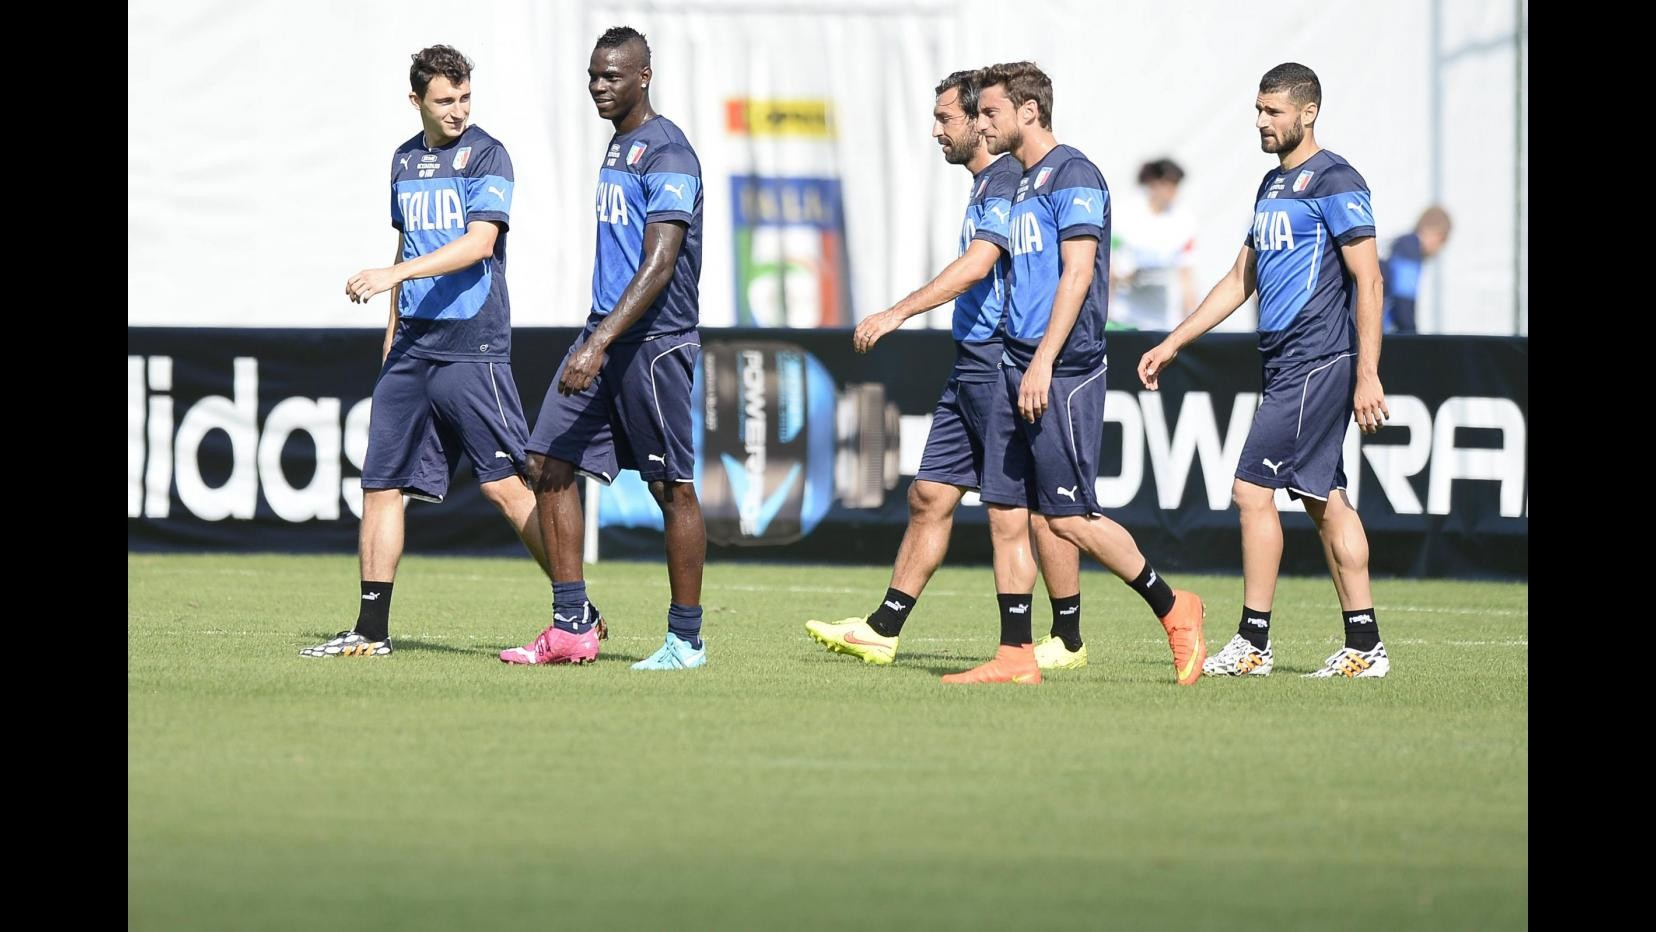 Mondiali 2014, Nazionale: Buffon e De Sciglio in gruppo, bimbi brasiliani ad allenamento